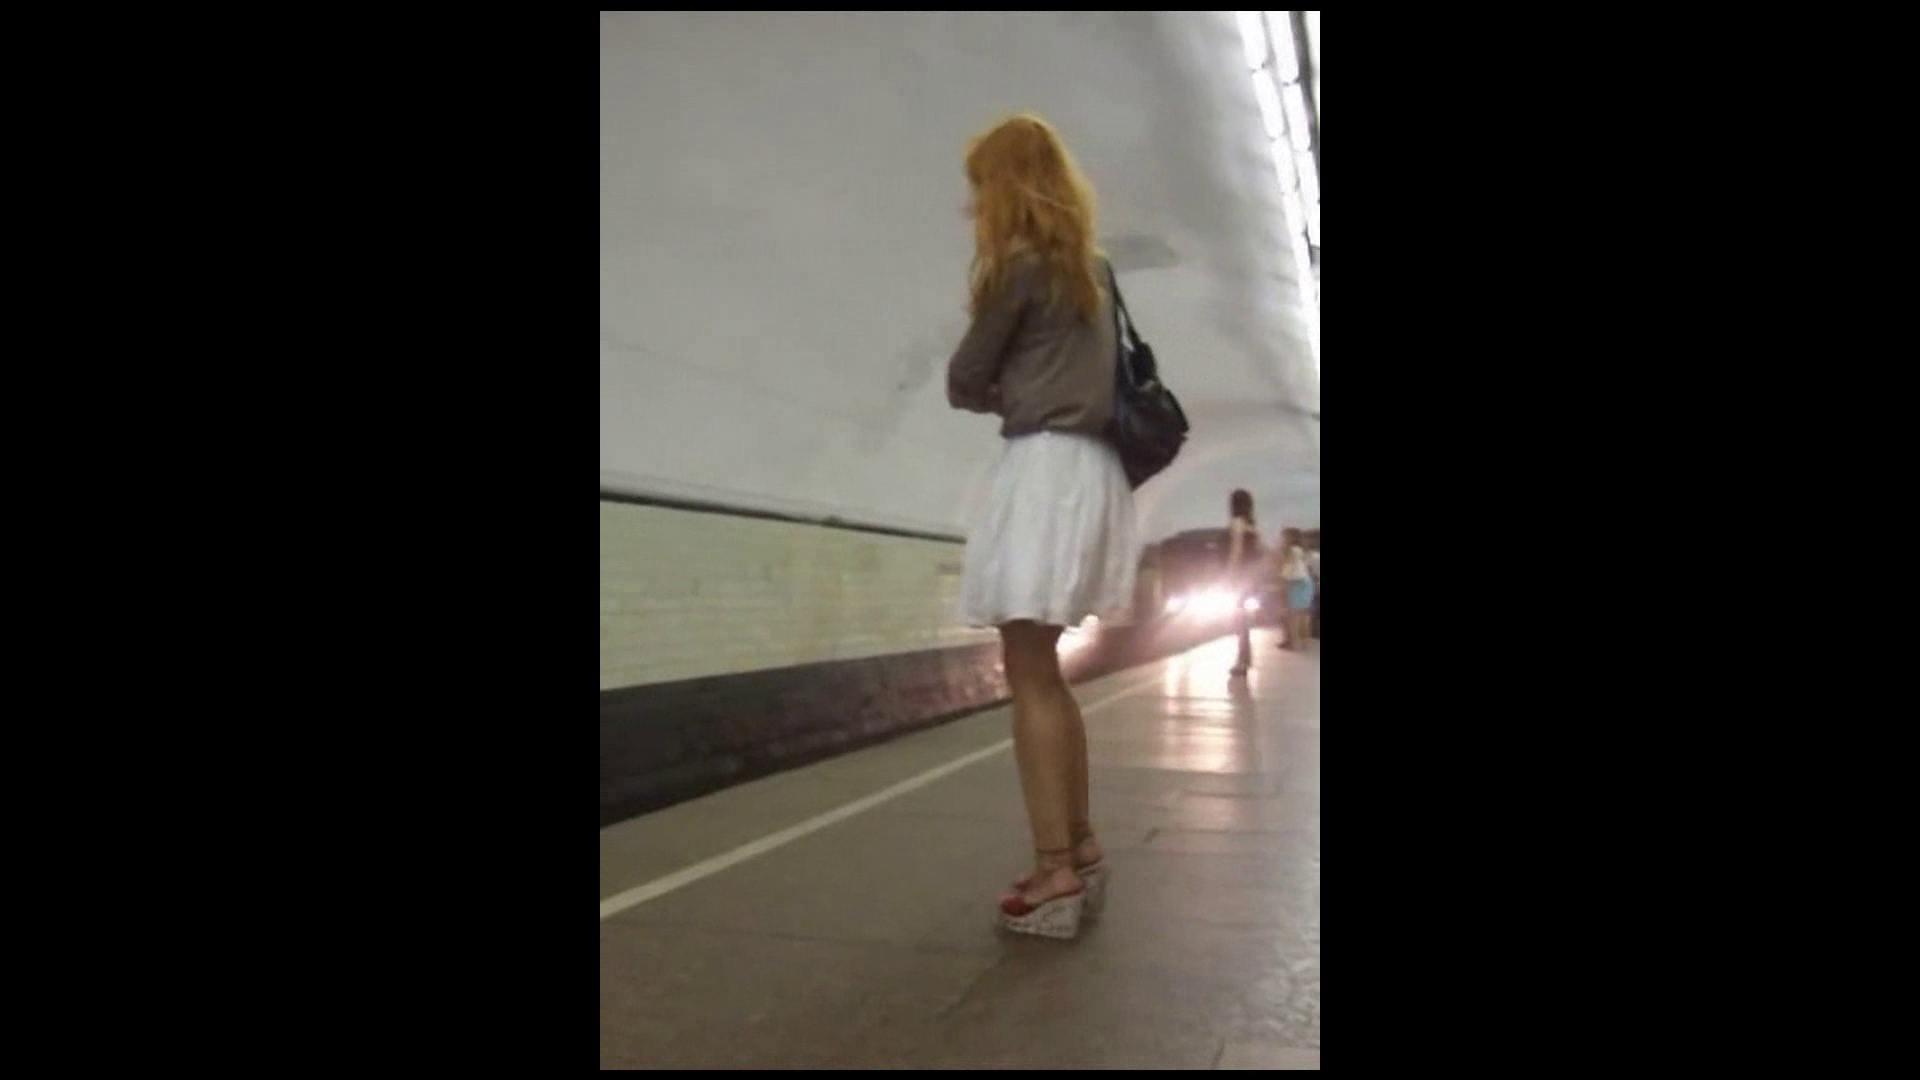 綺麗なモデルさんのスカート捲っちゃおう‼vol03 HなOL われめAV動画紹介 98pic 98